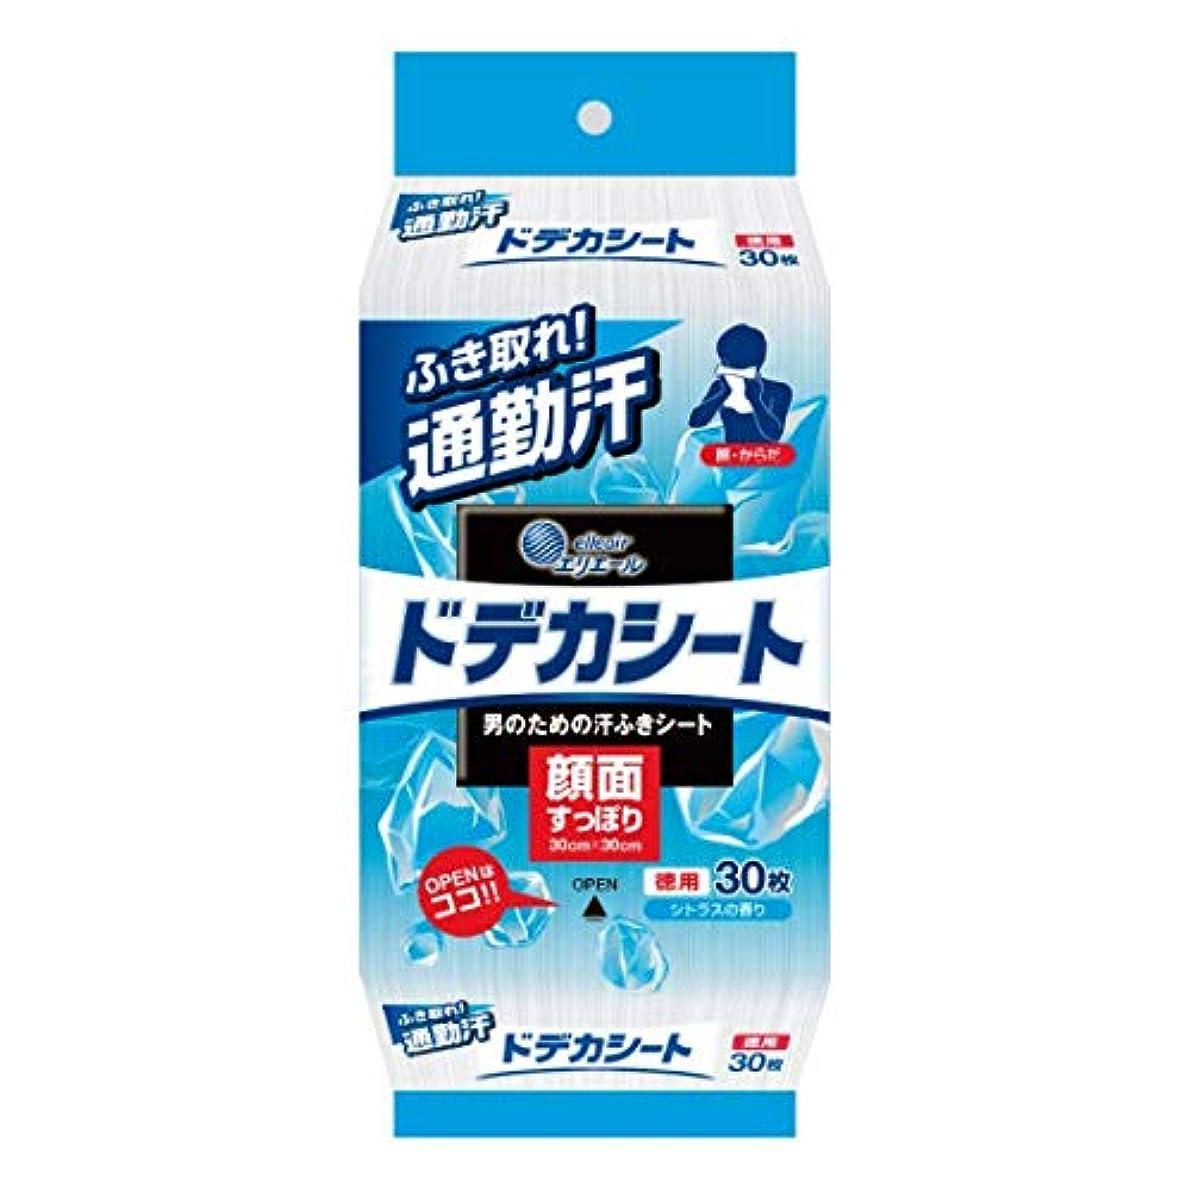 鎮静剤摘むこっそりエリエール 汗拭きシート 顔?ボディ ドデカシート for MEN 徳用 30枚(顔面すっぽり 30cm×30cm) 爽やかなシトラスの香り